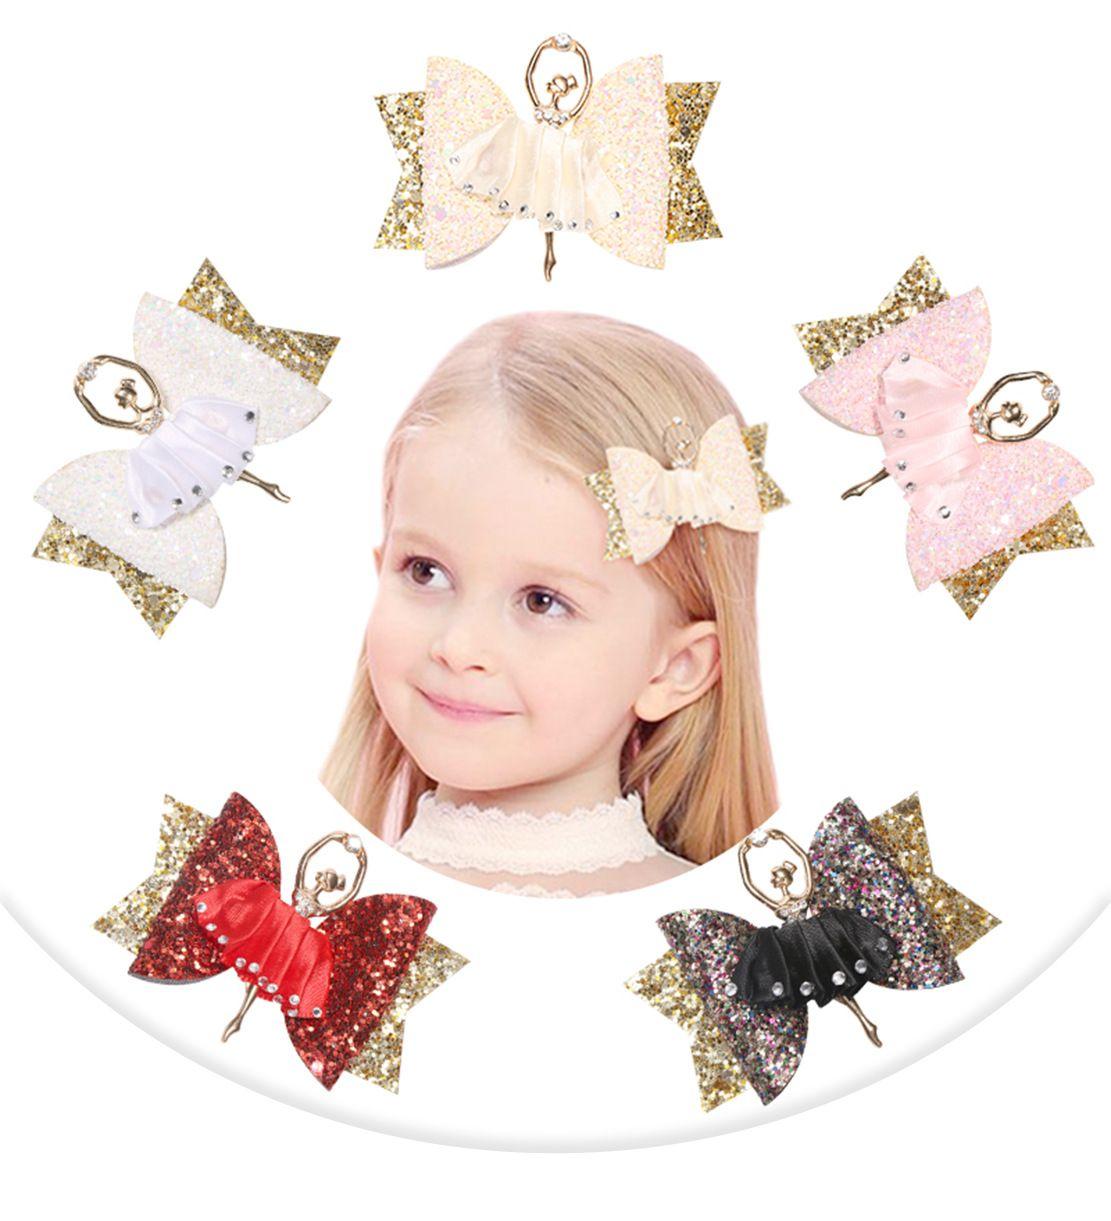 Clips de chica nueva de ballet Accesorios para el cabello para niñas niños de la princesa del brillo arcos del pelo hecho a mano de las horquillas del tocado de los niños linda